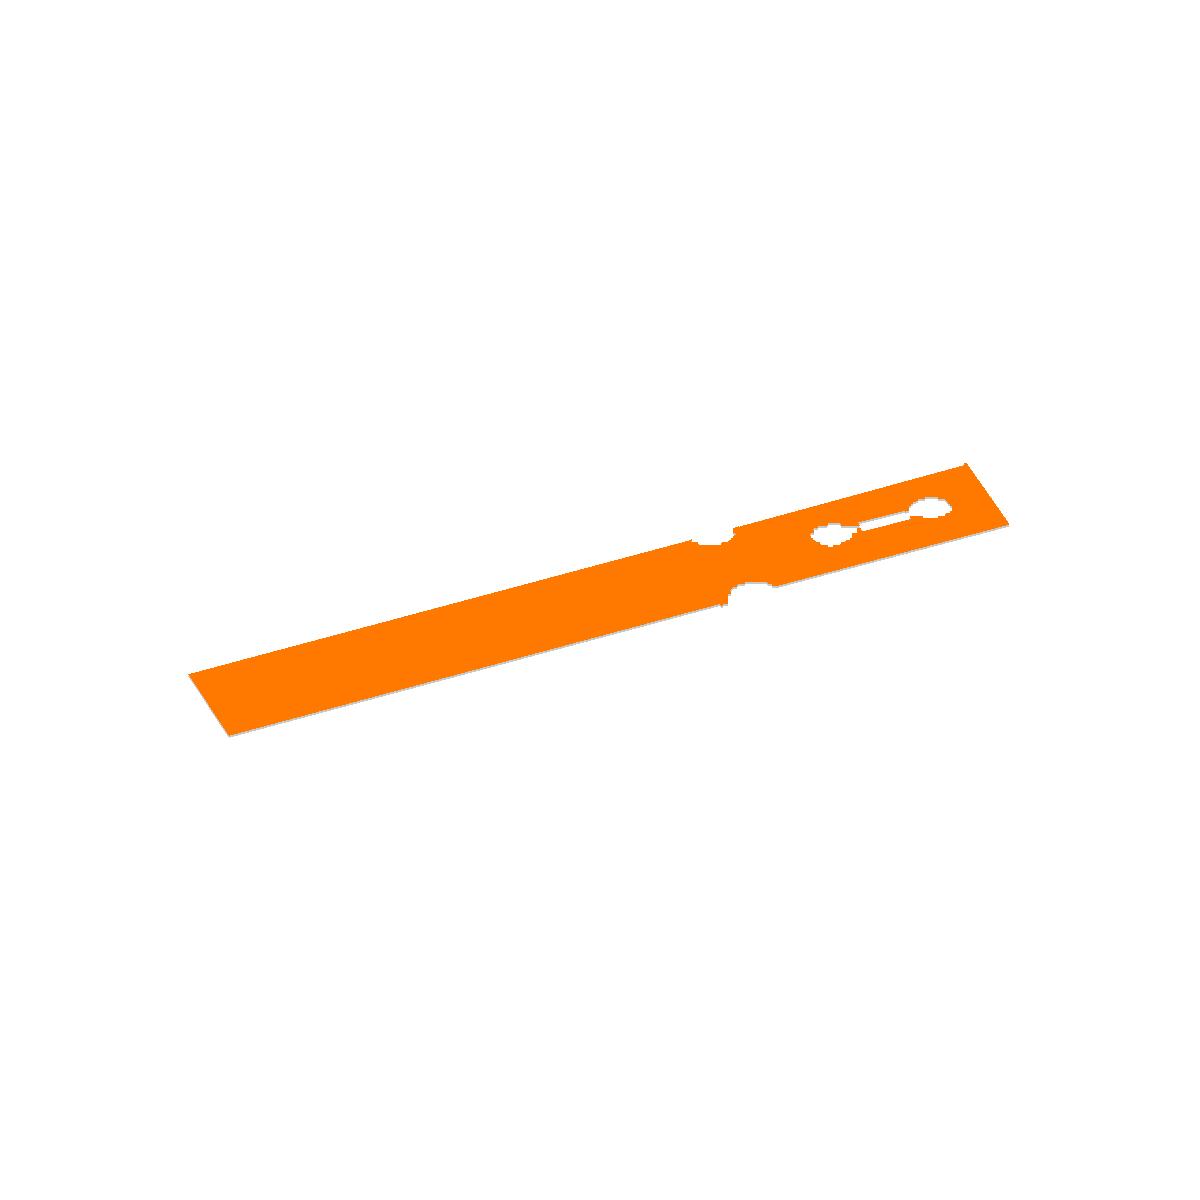 Orange Washer Tag Image